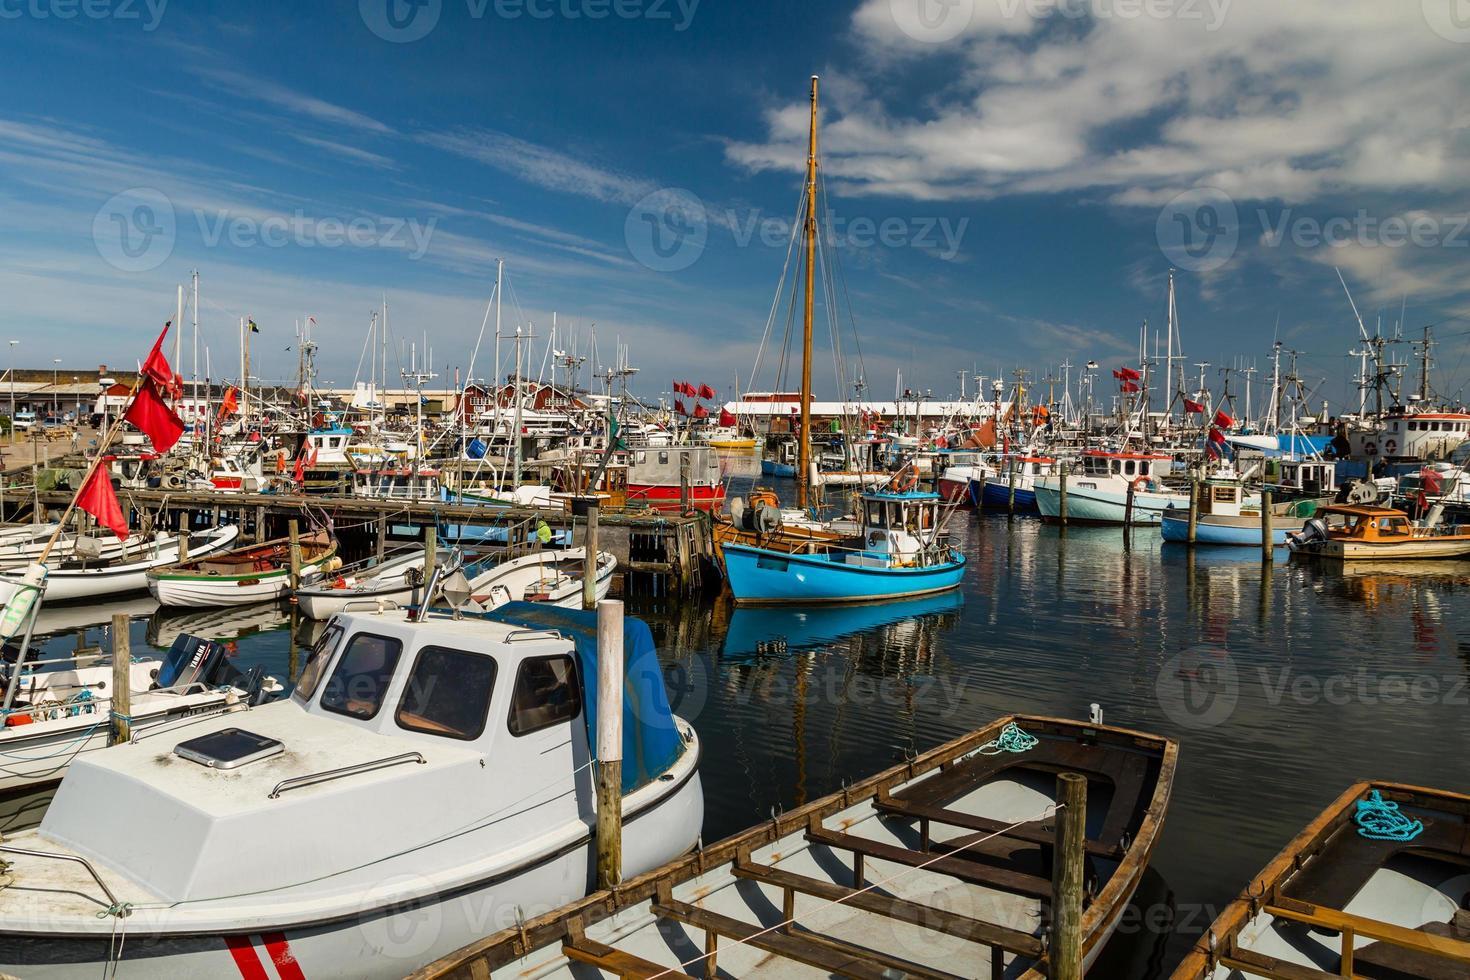 piccole imbarcazioni nel porto turistico foto